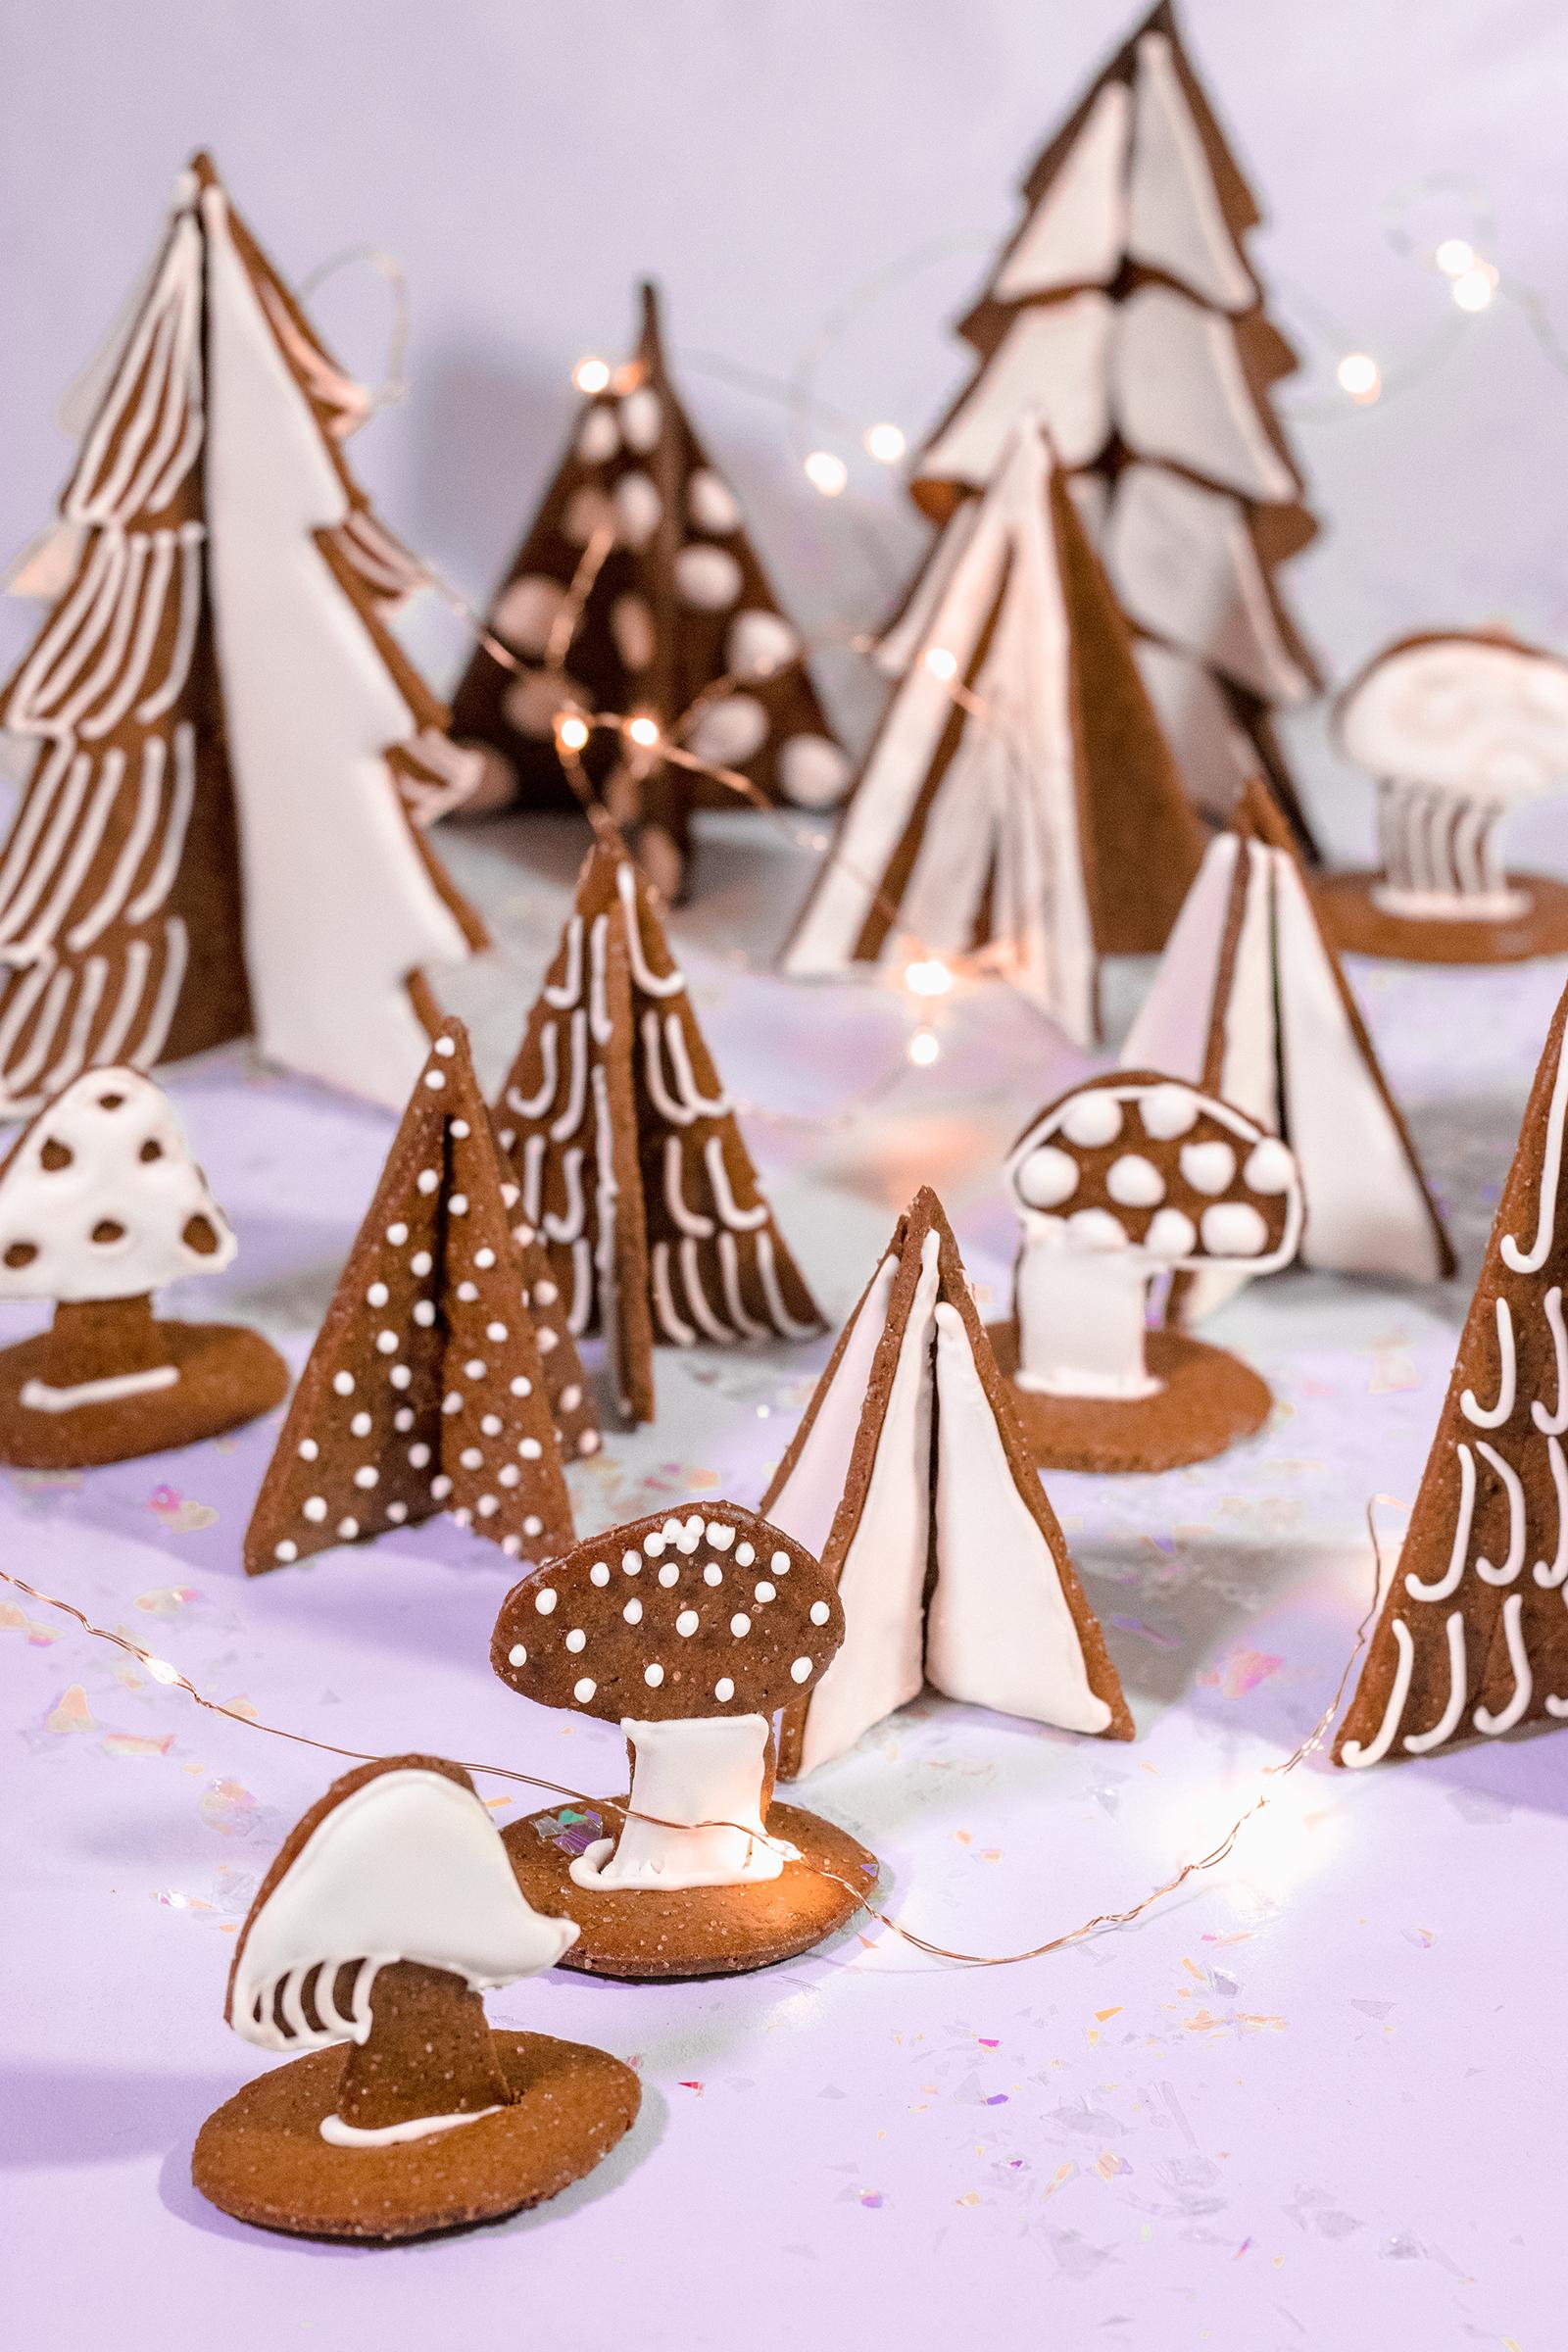 Free-Printable-Cookie-Stencils - Kiyafries - Free Printable Cookie Stencils